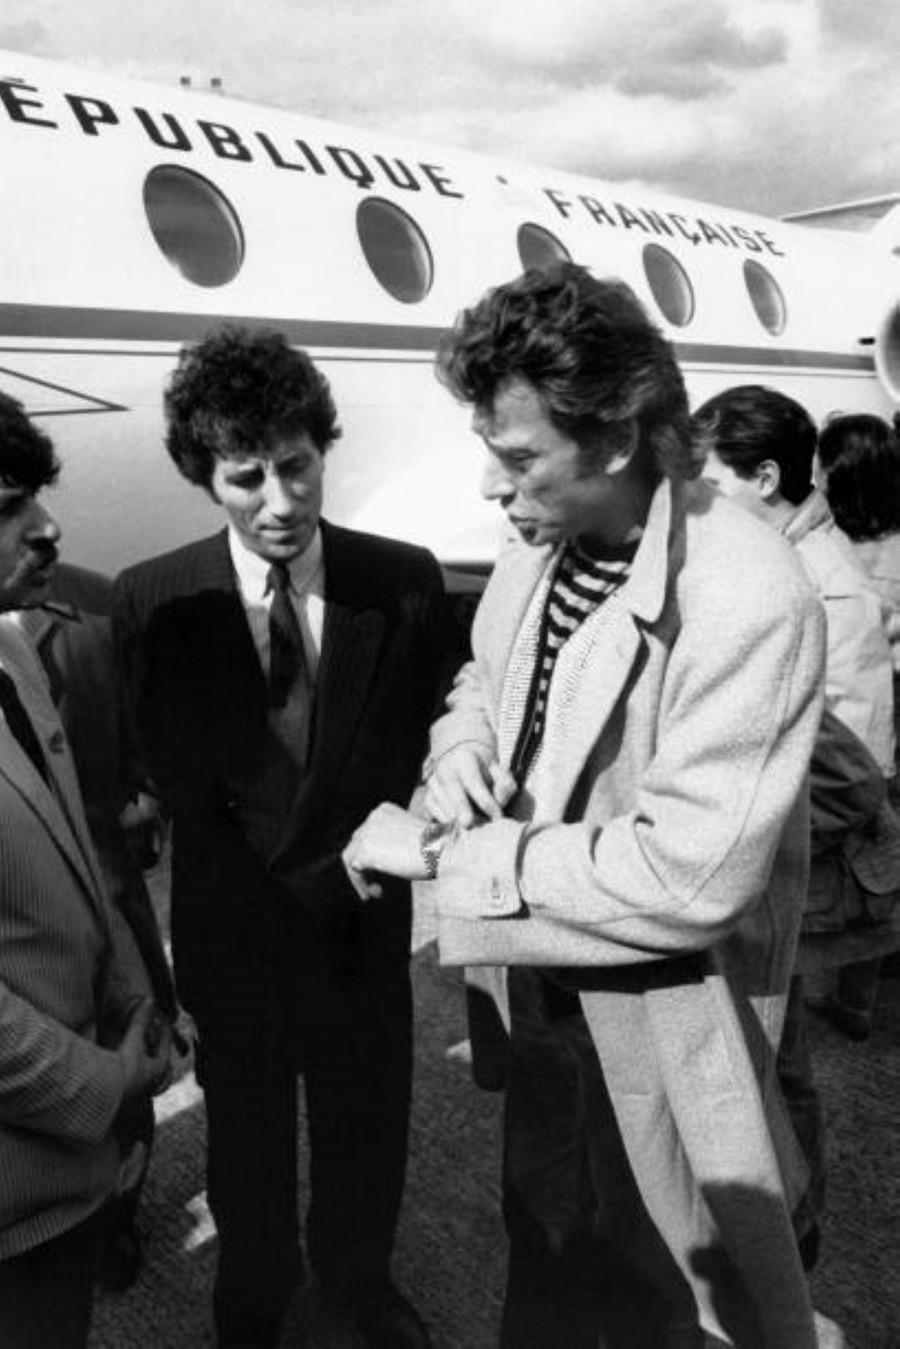 LES CONCERTS DE JOHNNY 'PRINTEMPS DE BOURGES 1985' Getty693